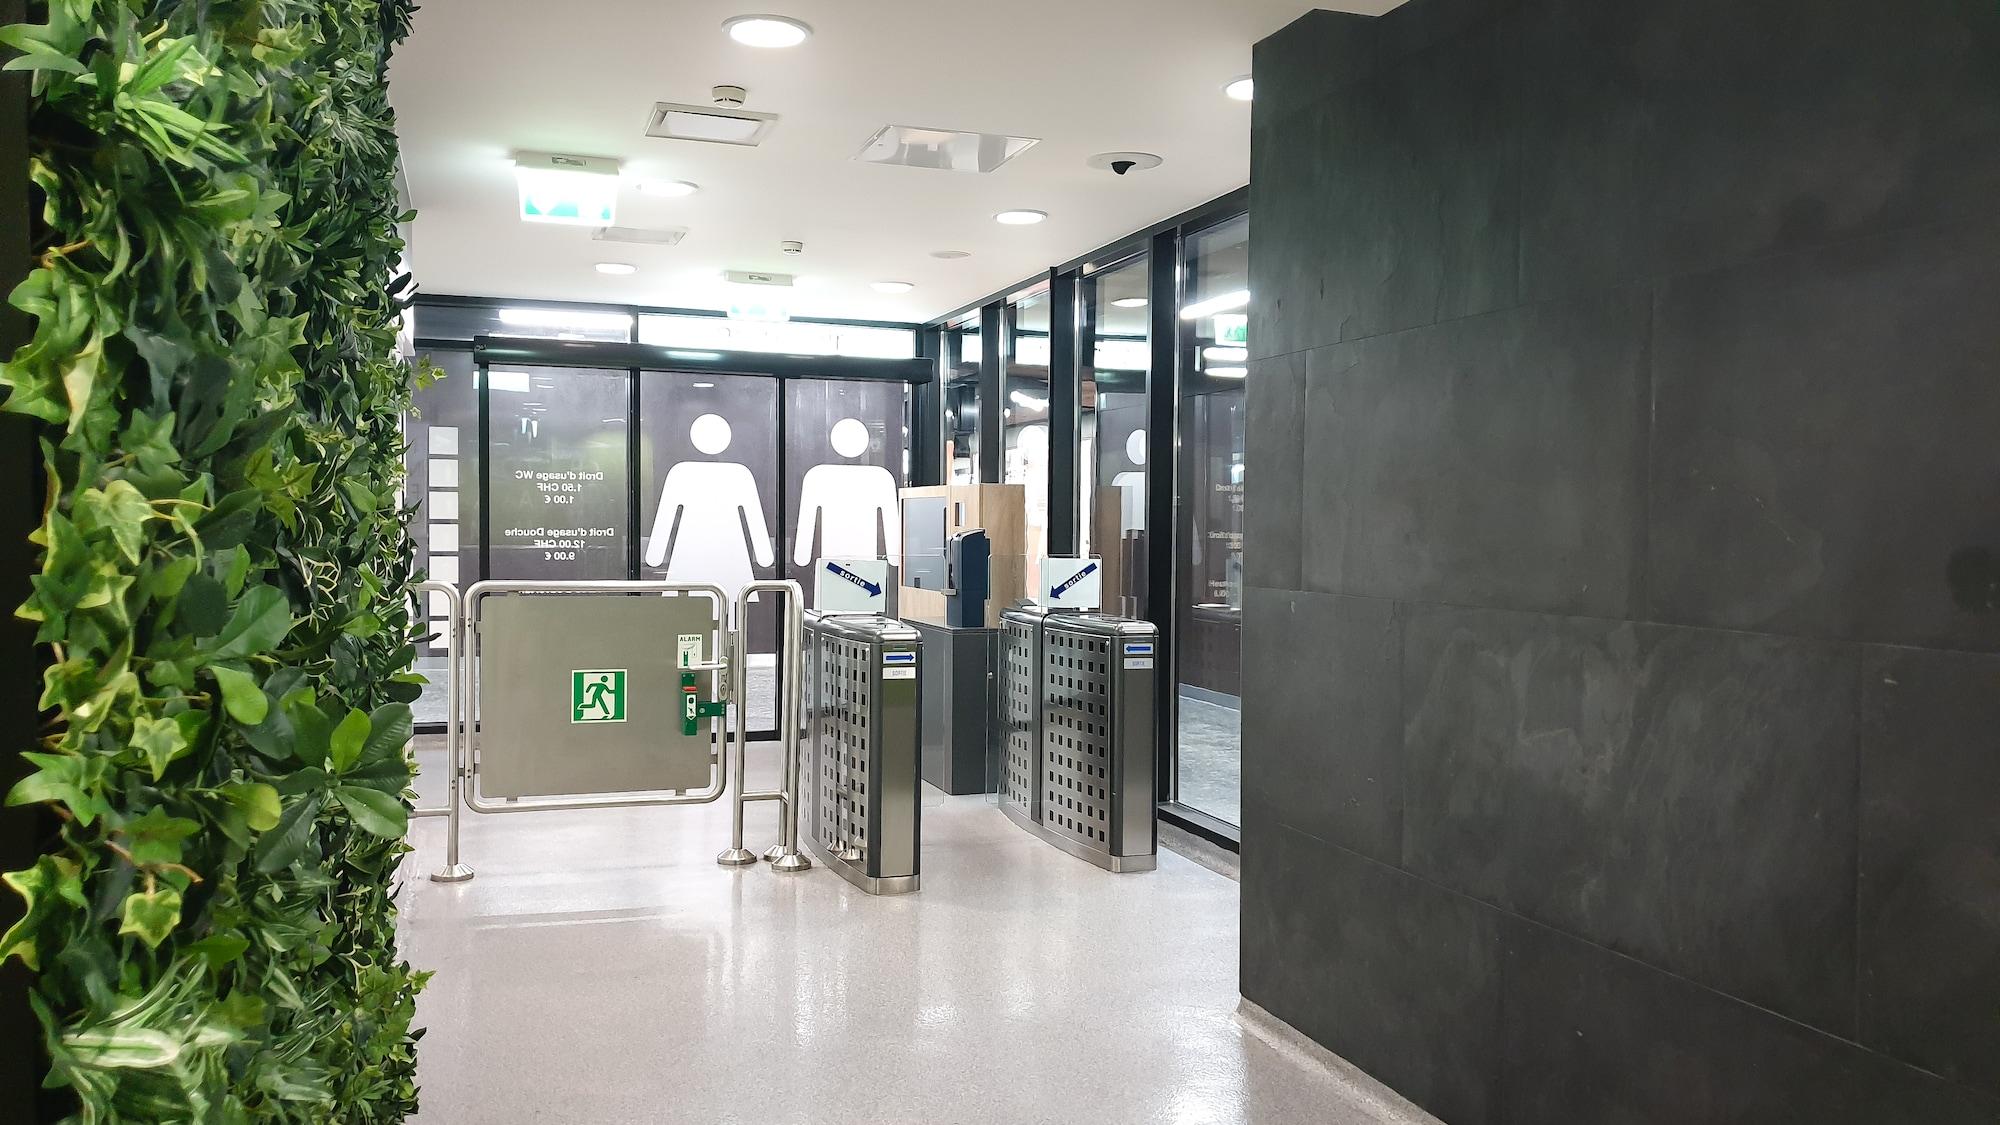 SBB-Toiletten-Projekt an Bahnhöfen: GA-Besitzer sollen künftig gratis aufs WC dürfen